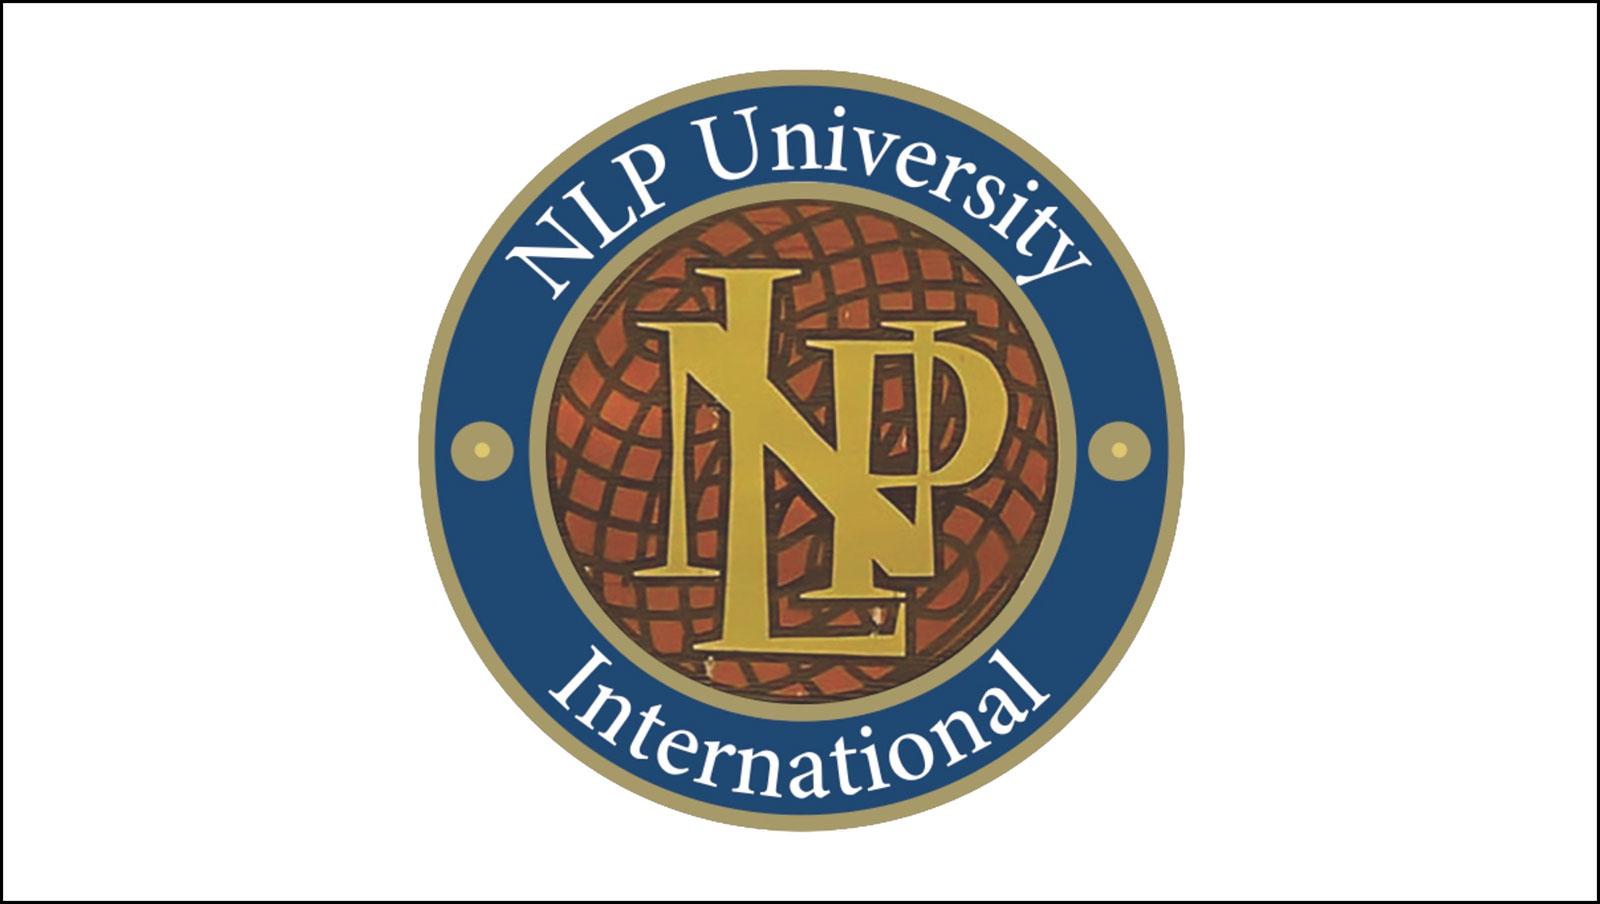 Logótipo da Universidade de PNL, em Santa Cruz, California